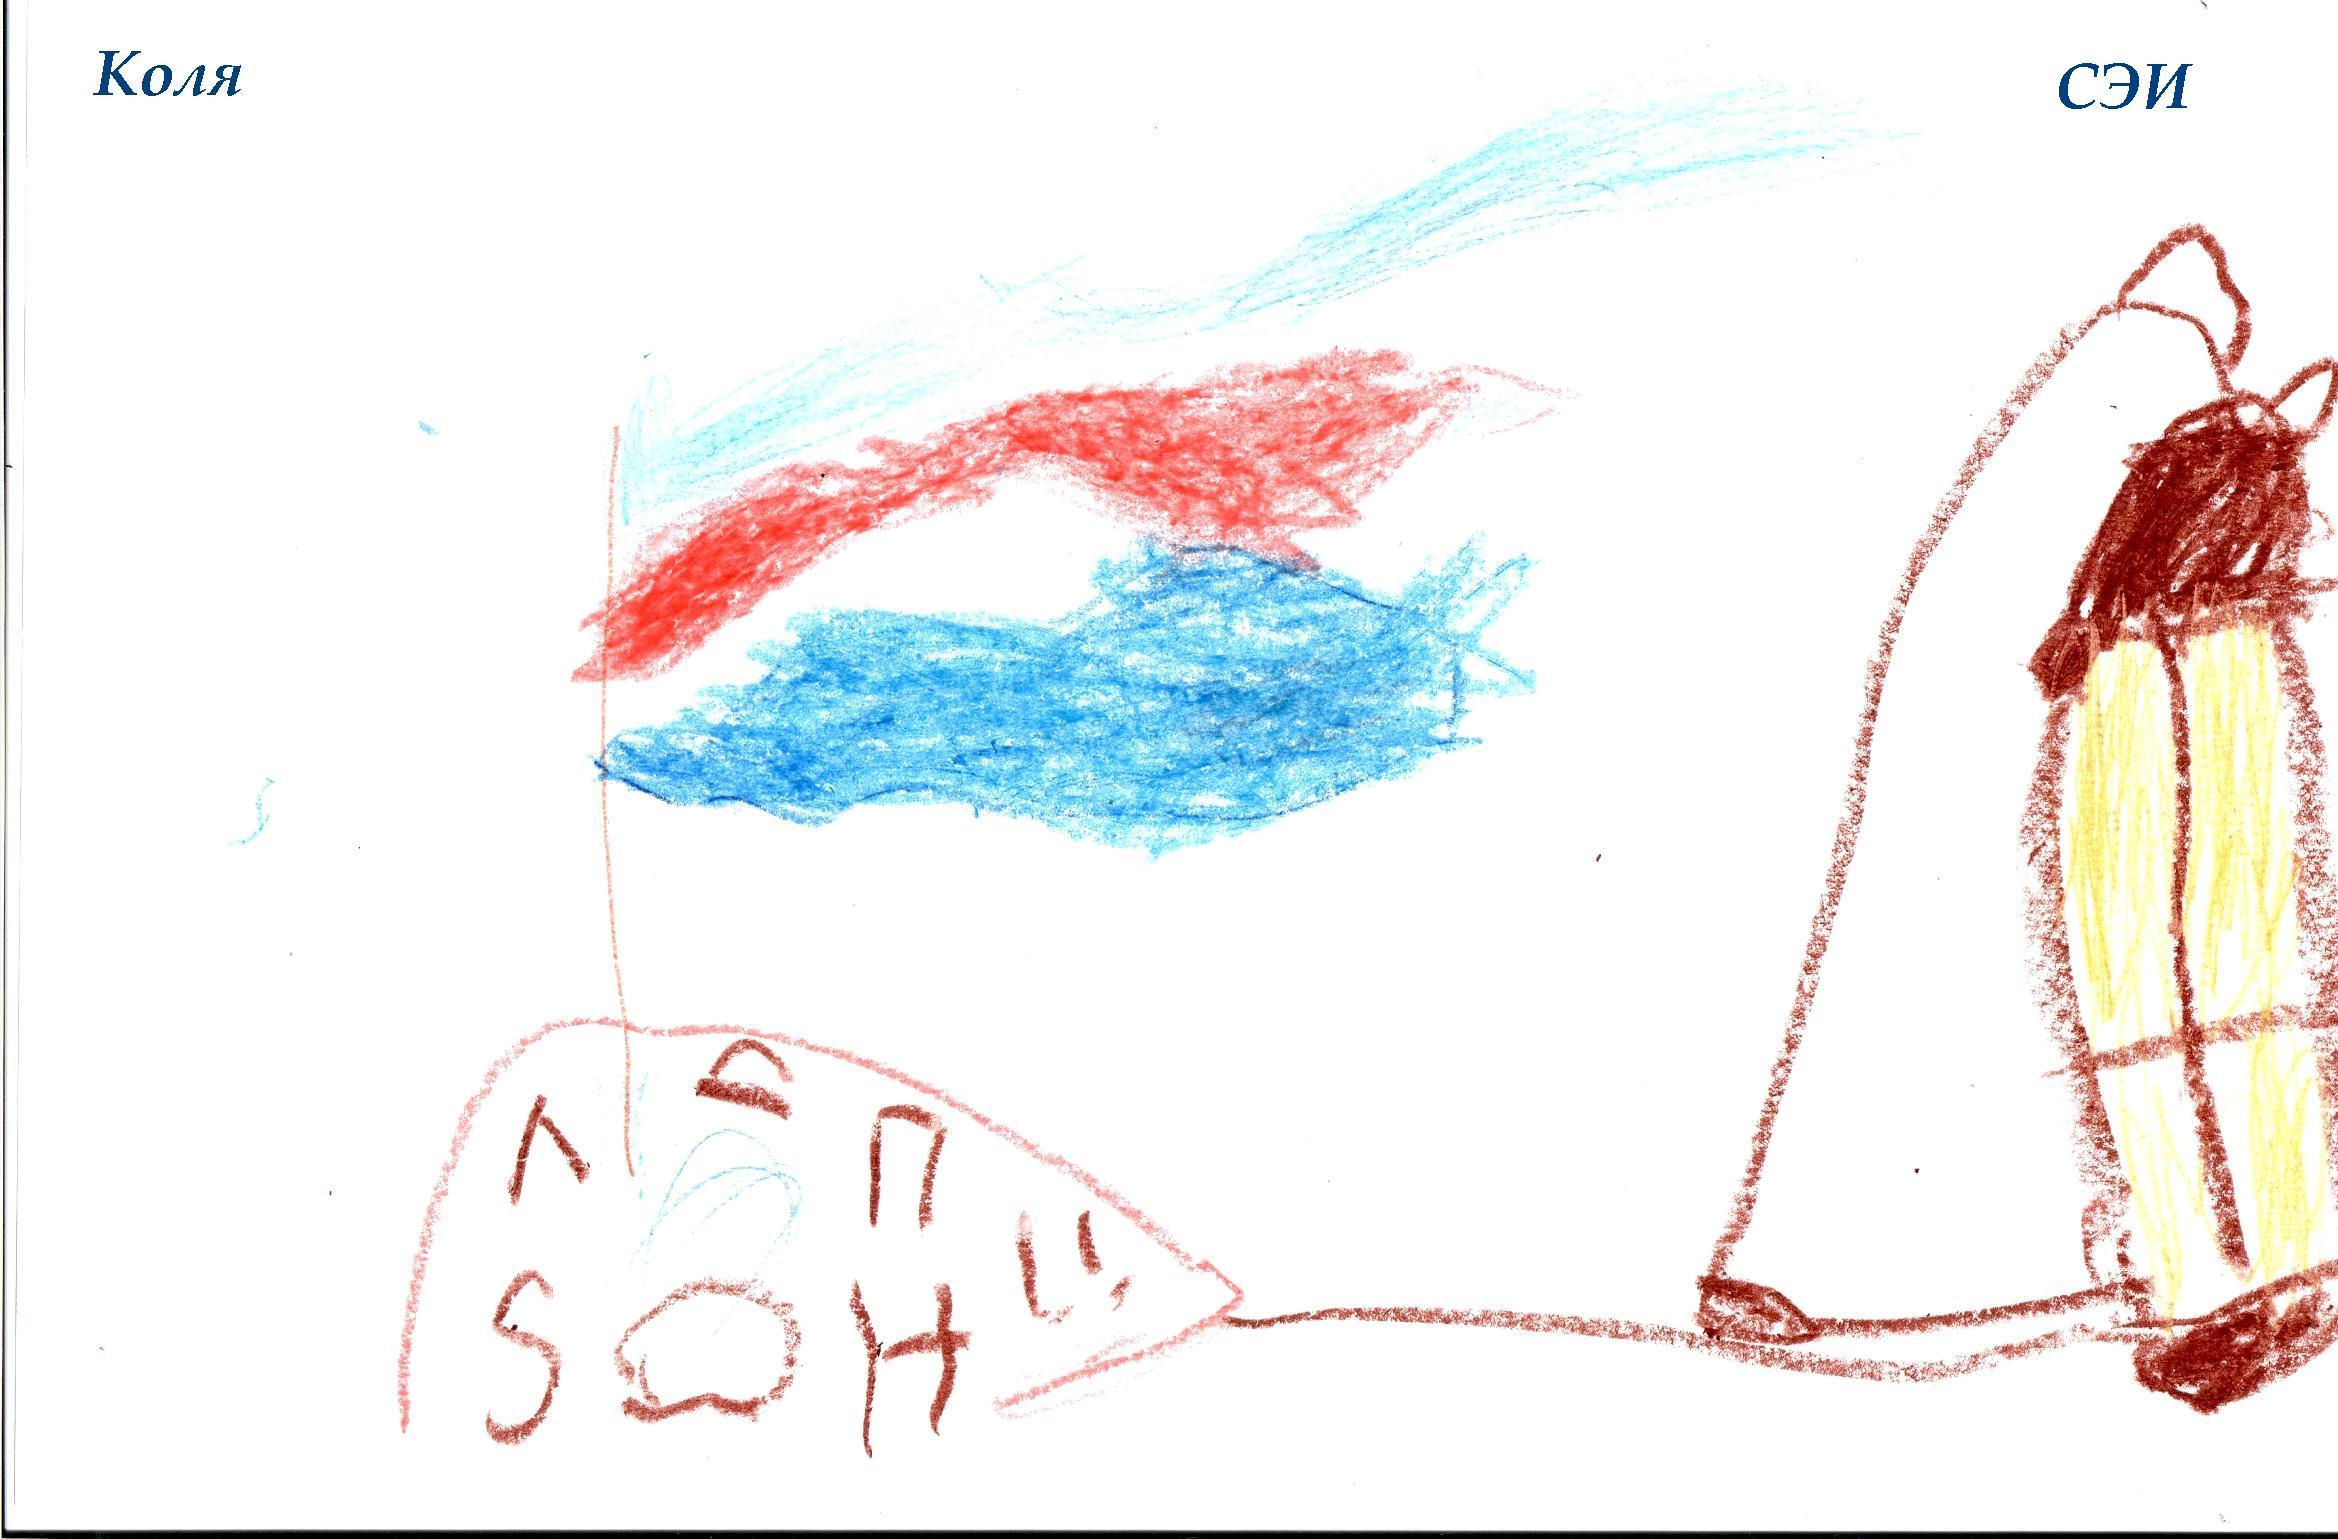 НИИ Соционики. Диагностика детей дошкольного возраста. Рисунок СЭИ, 4 года